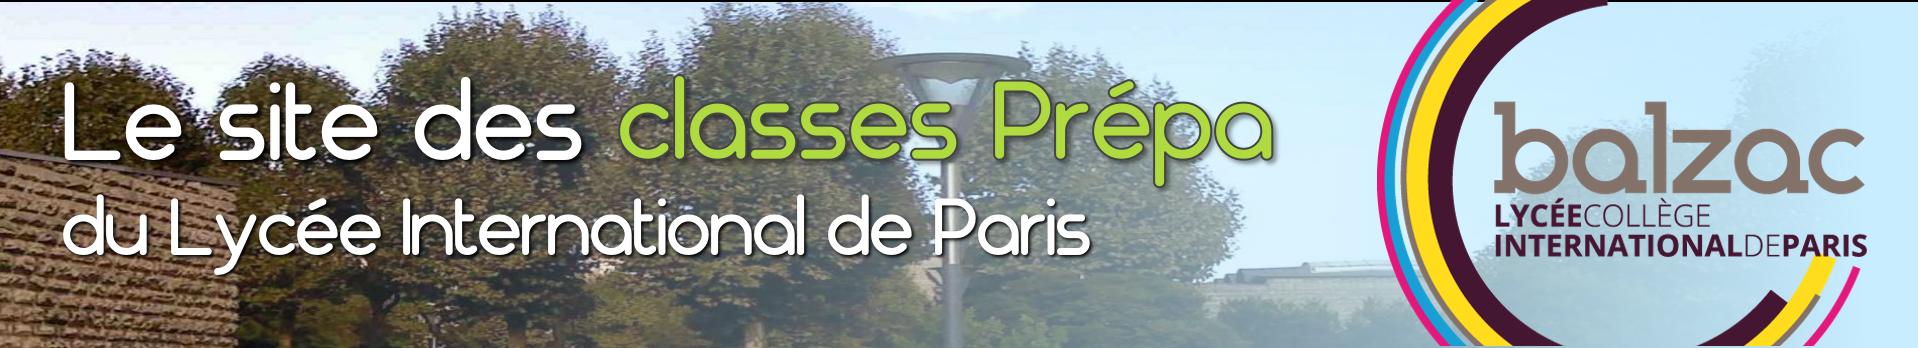 Les Prépas du lycée Balzac